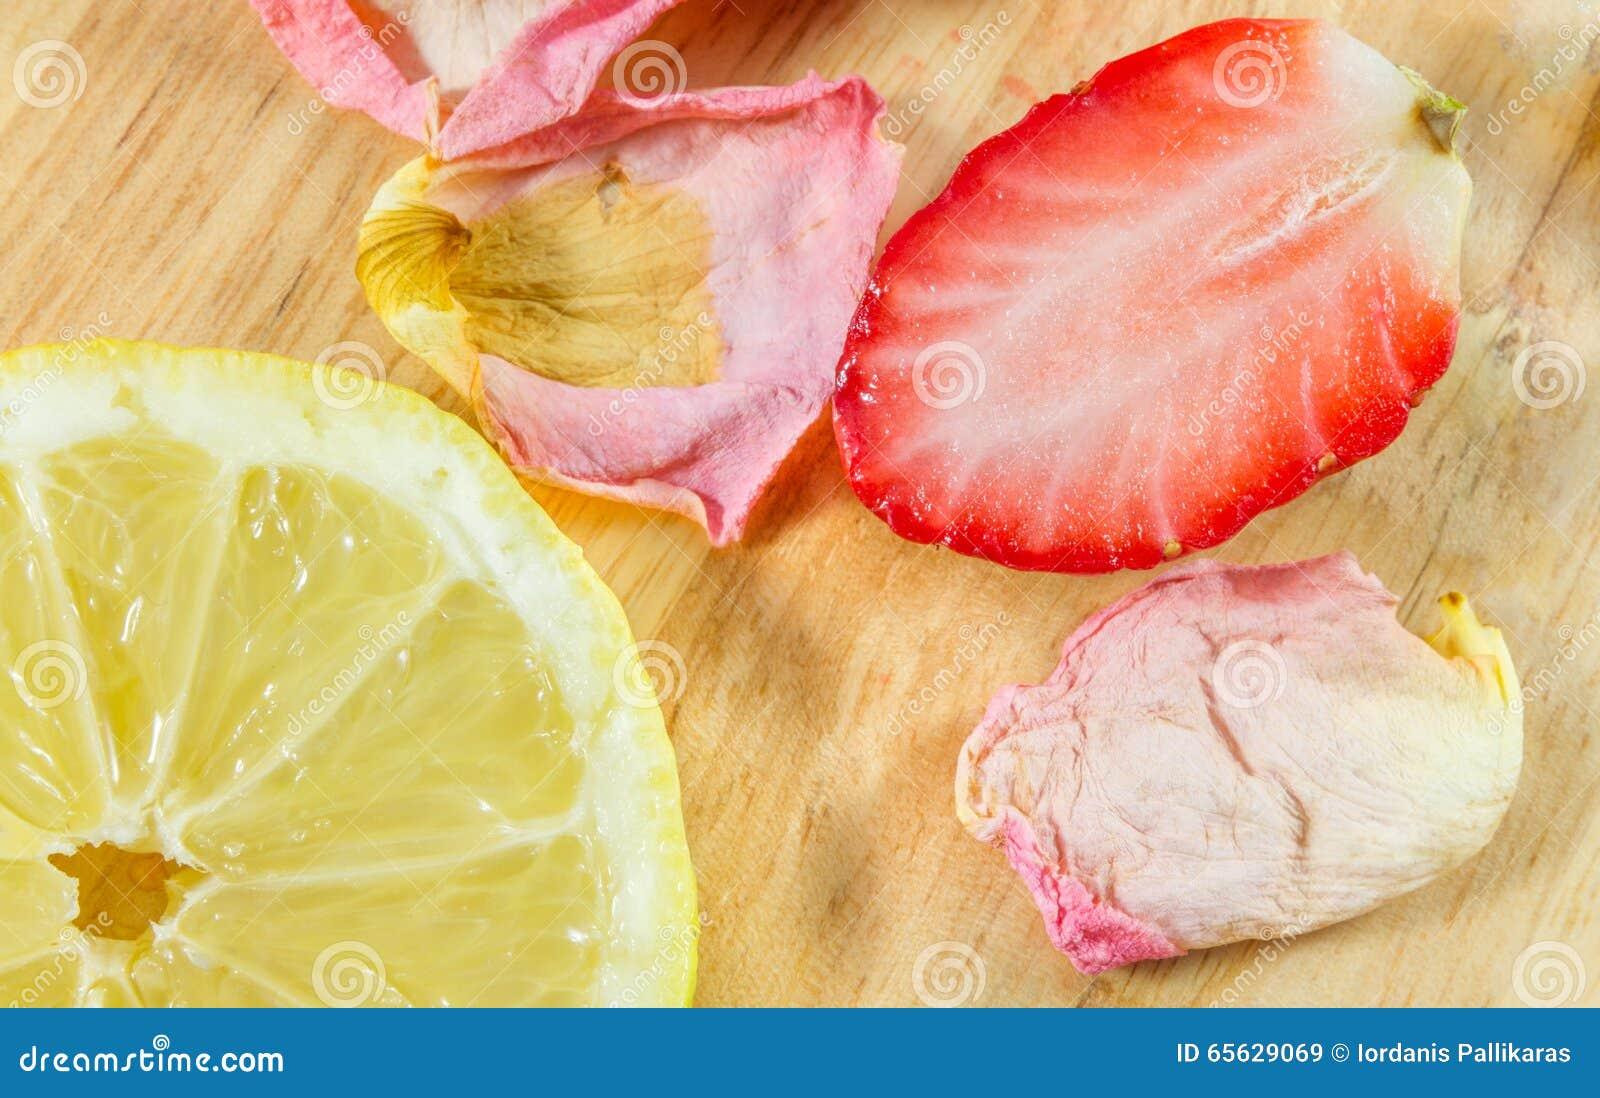 Citron, fraise et pétales de rose coupés en tranches sur le conseil en bois